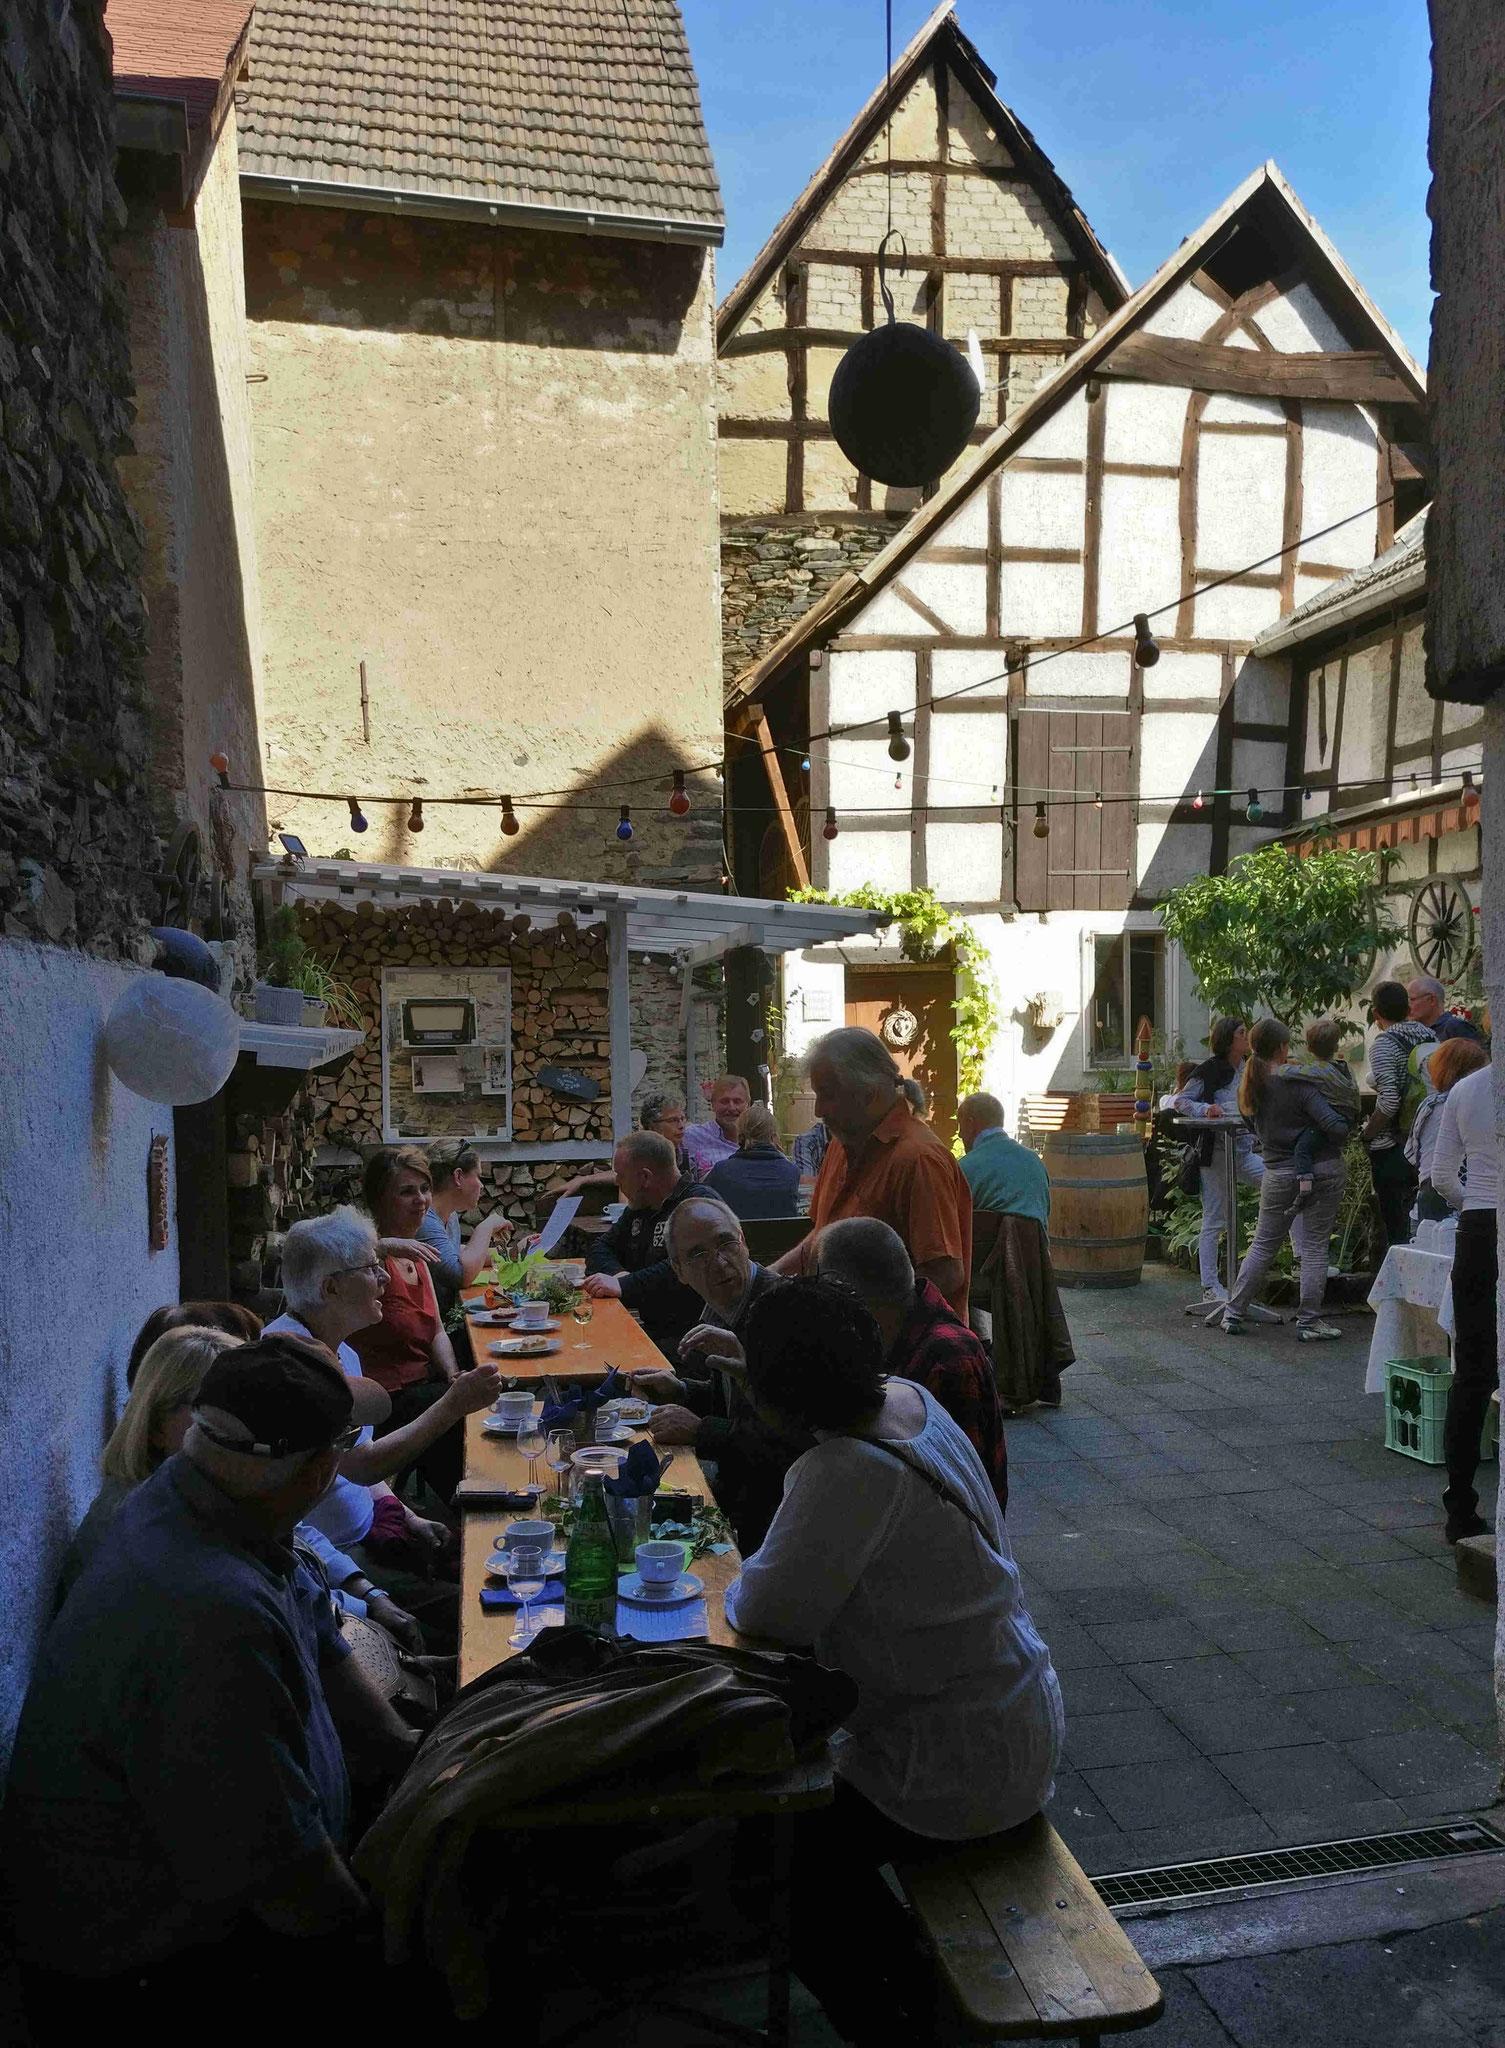 Der idyllische Innenhof  des Weinstandes vom Weingut Martin Sturm